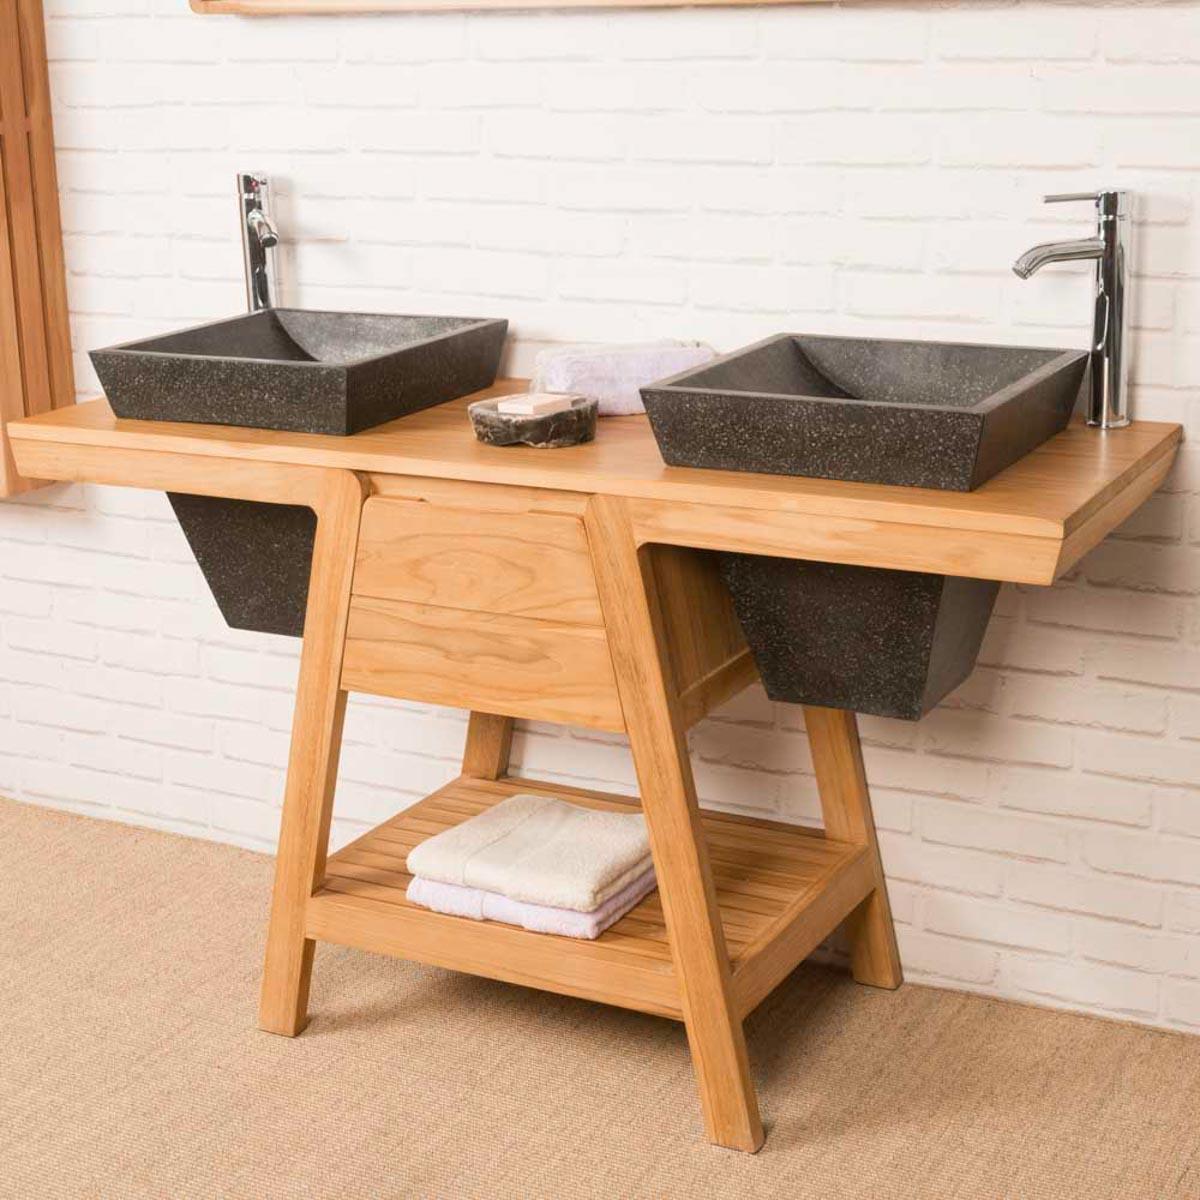 Mueble de ba o mueble de teca con lavabo kh ops 140 cm for Muebles de bano 140 cm